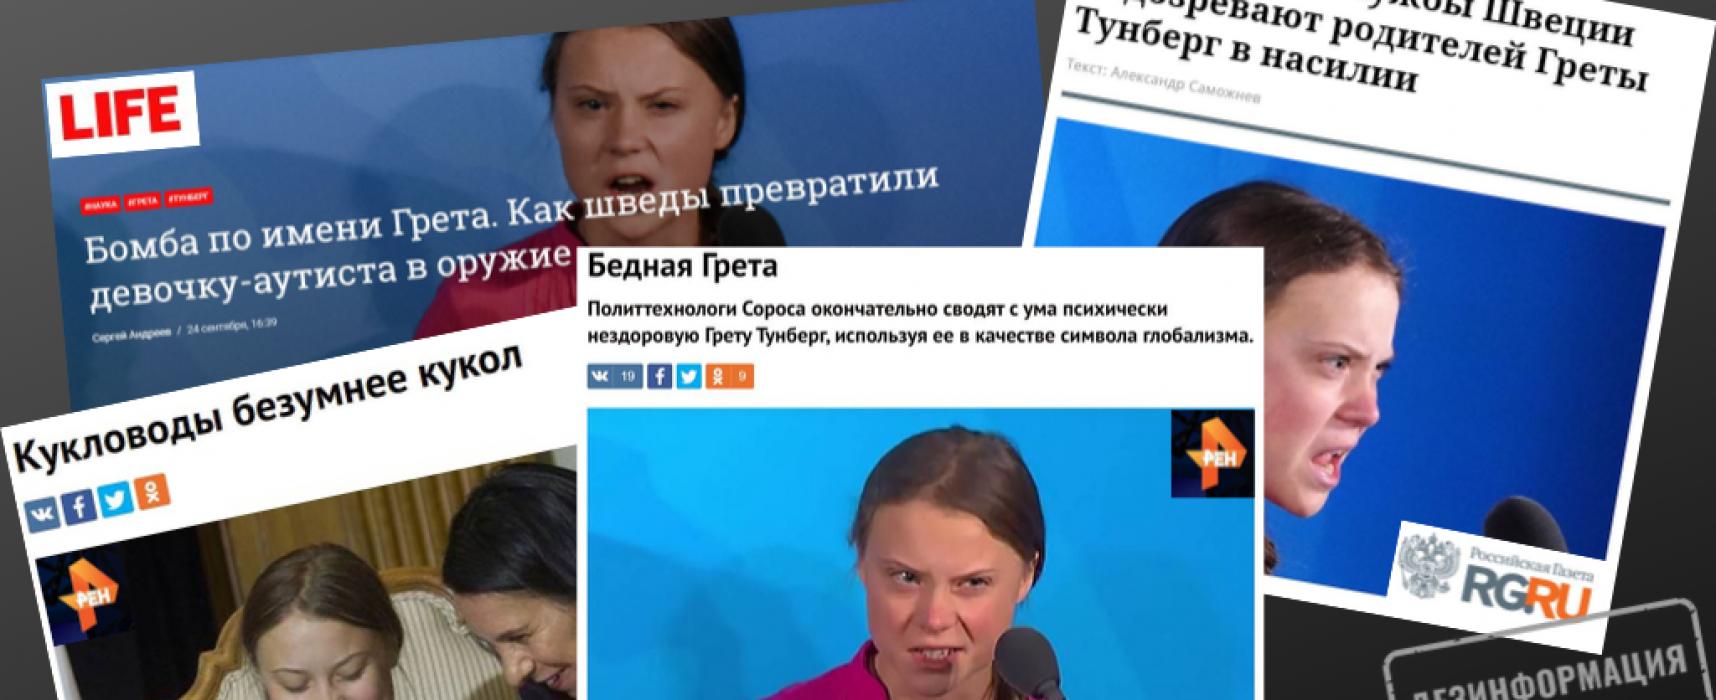 Кремлівські ЗМІ про Грету Тунберг: «Безграмотна фанатична месія»